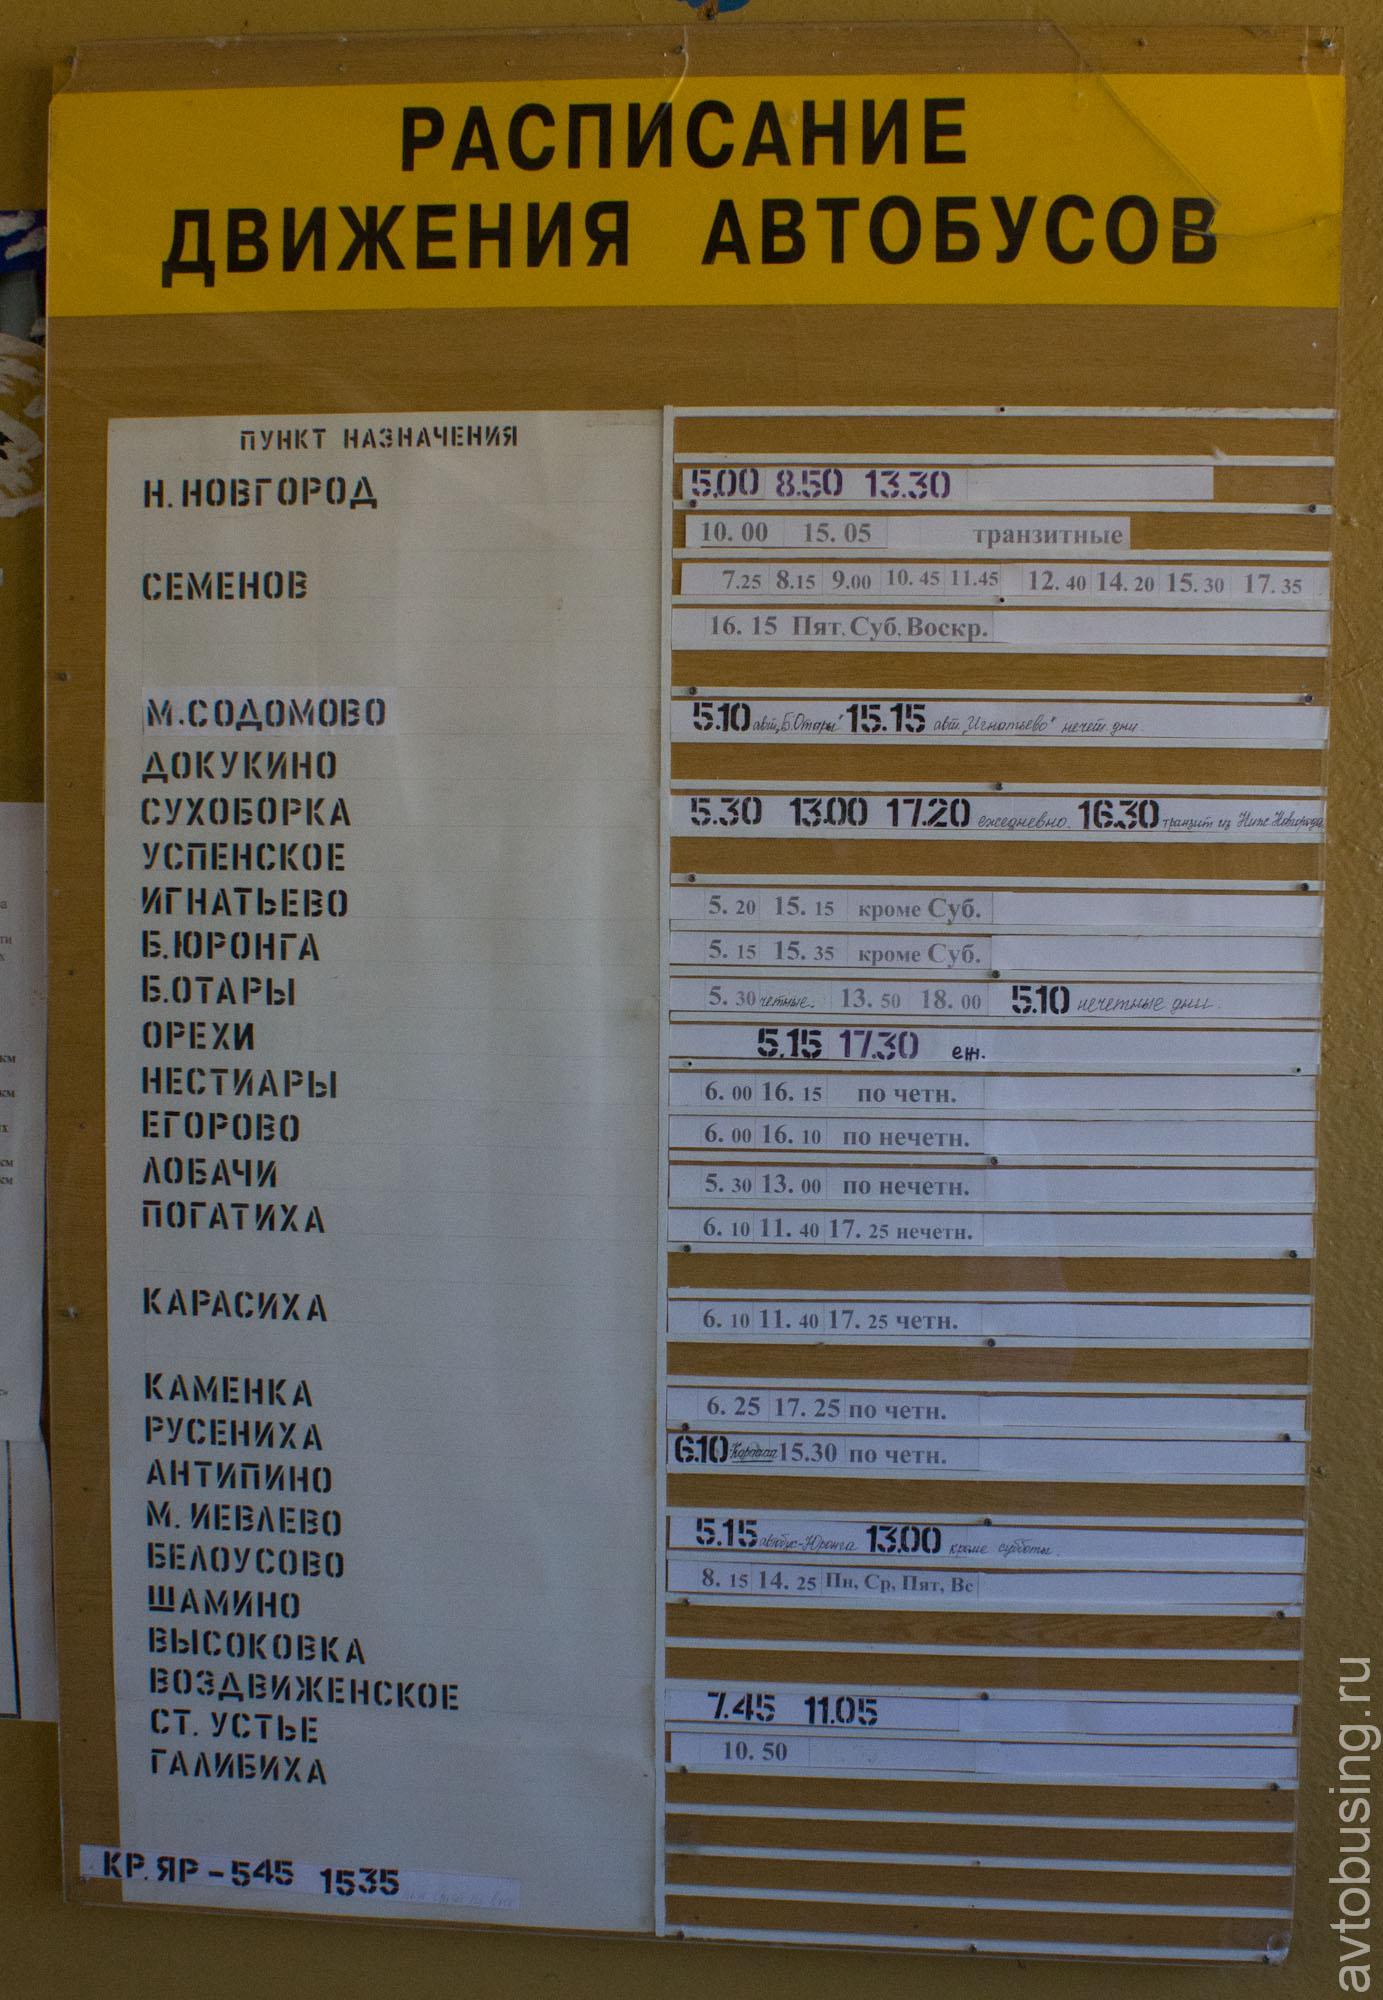 автовокзал шуя расписание автобусов 2015 страница предлагает